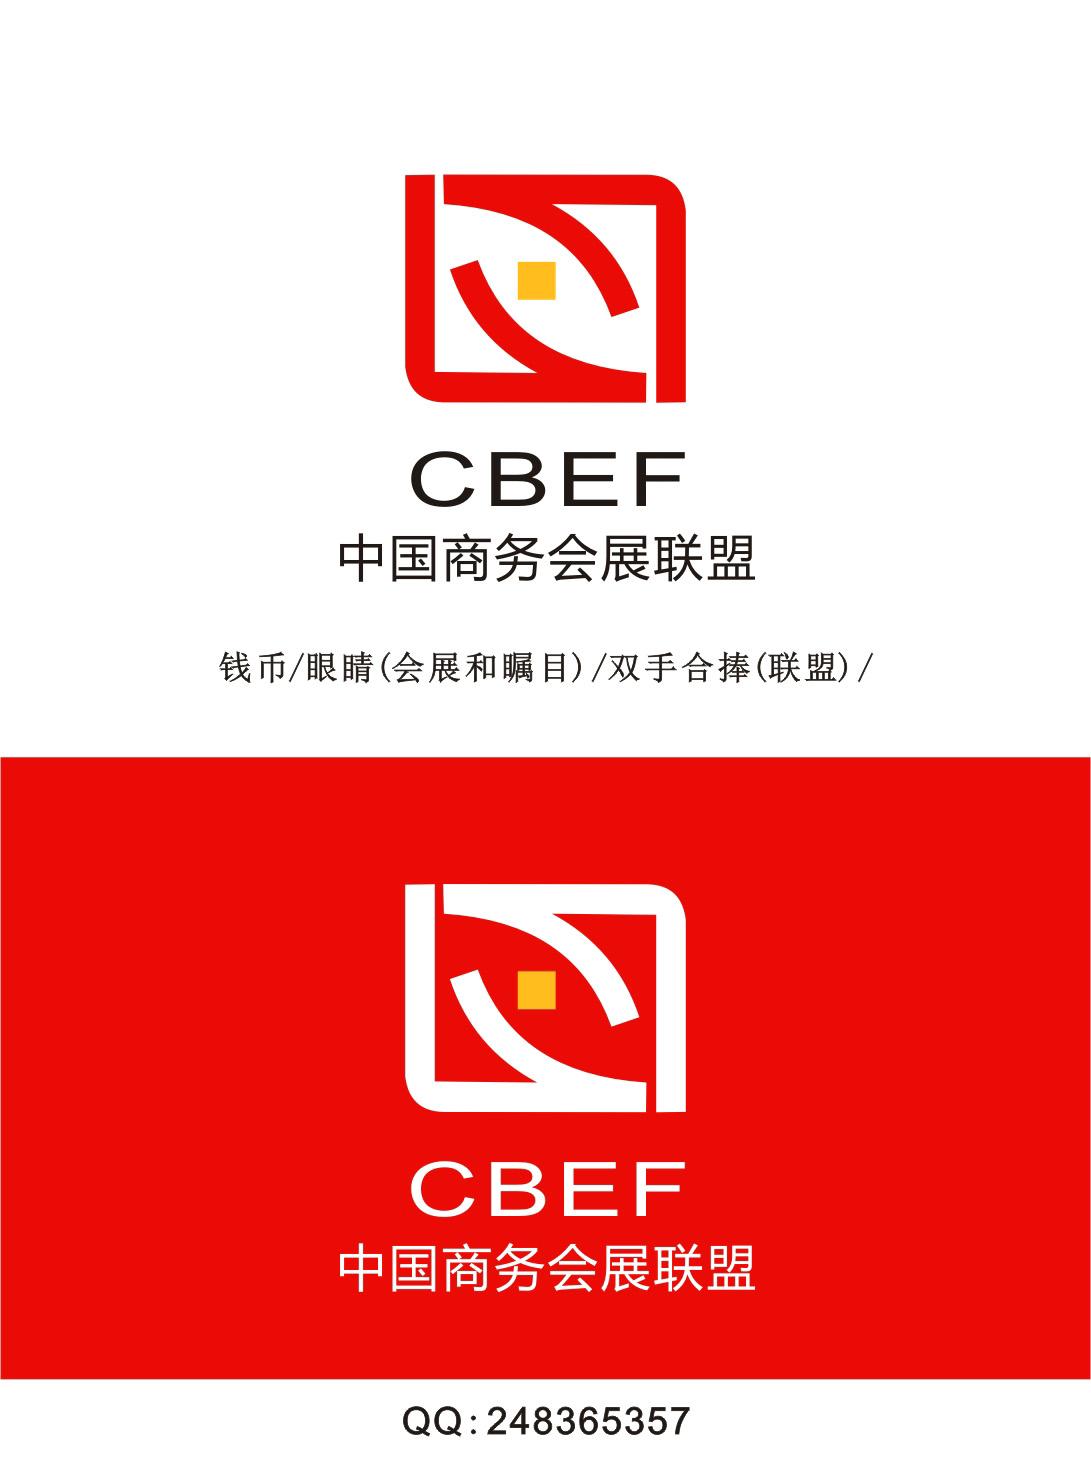 设计中国商务会展联盟logo_2957626_k68威客网